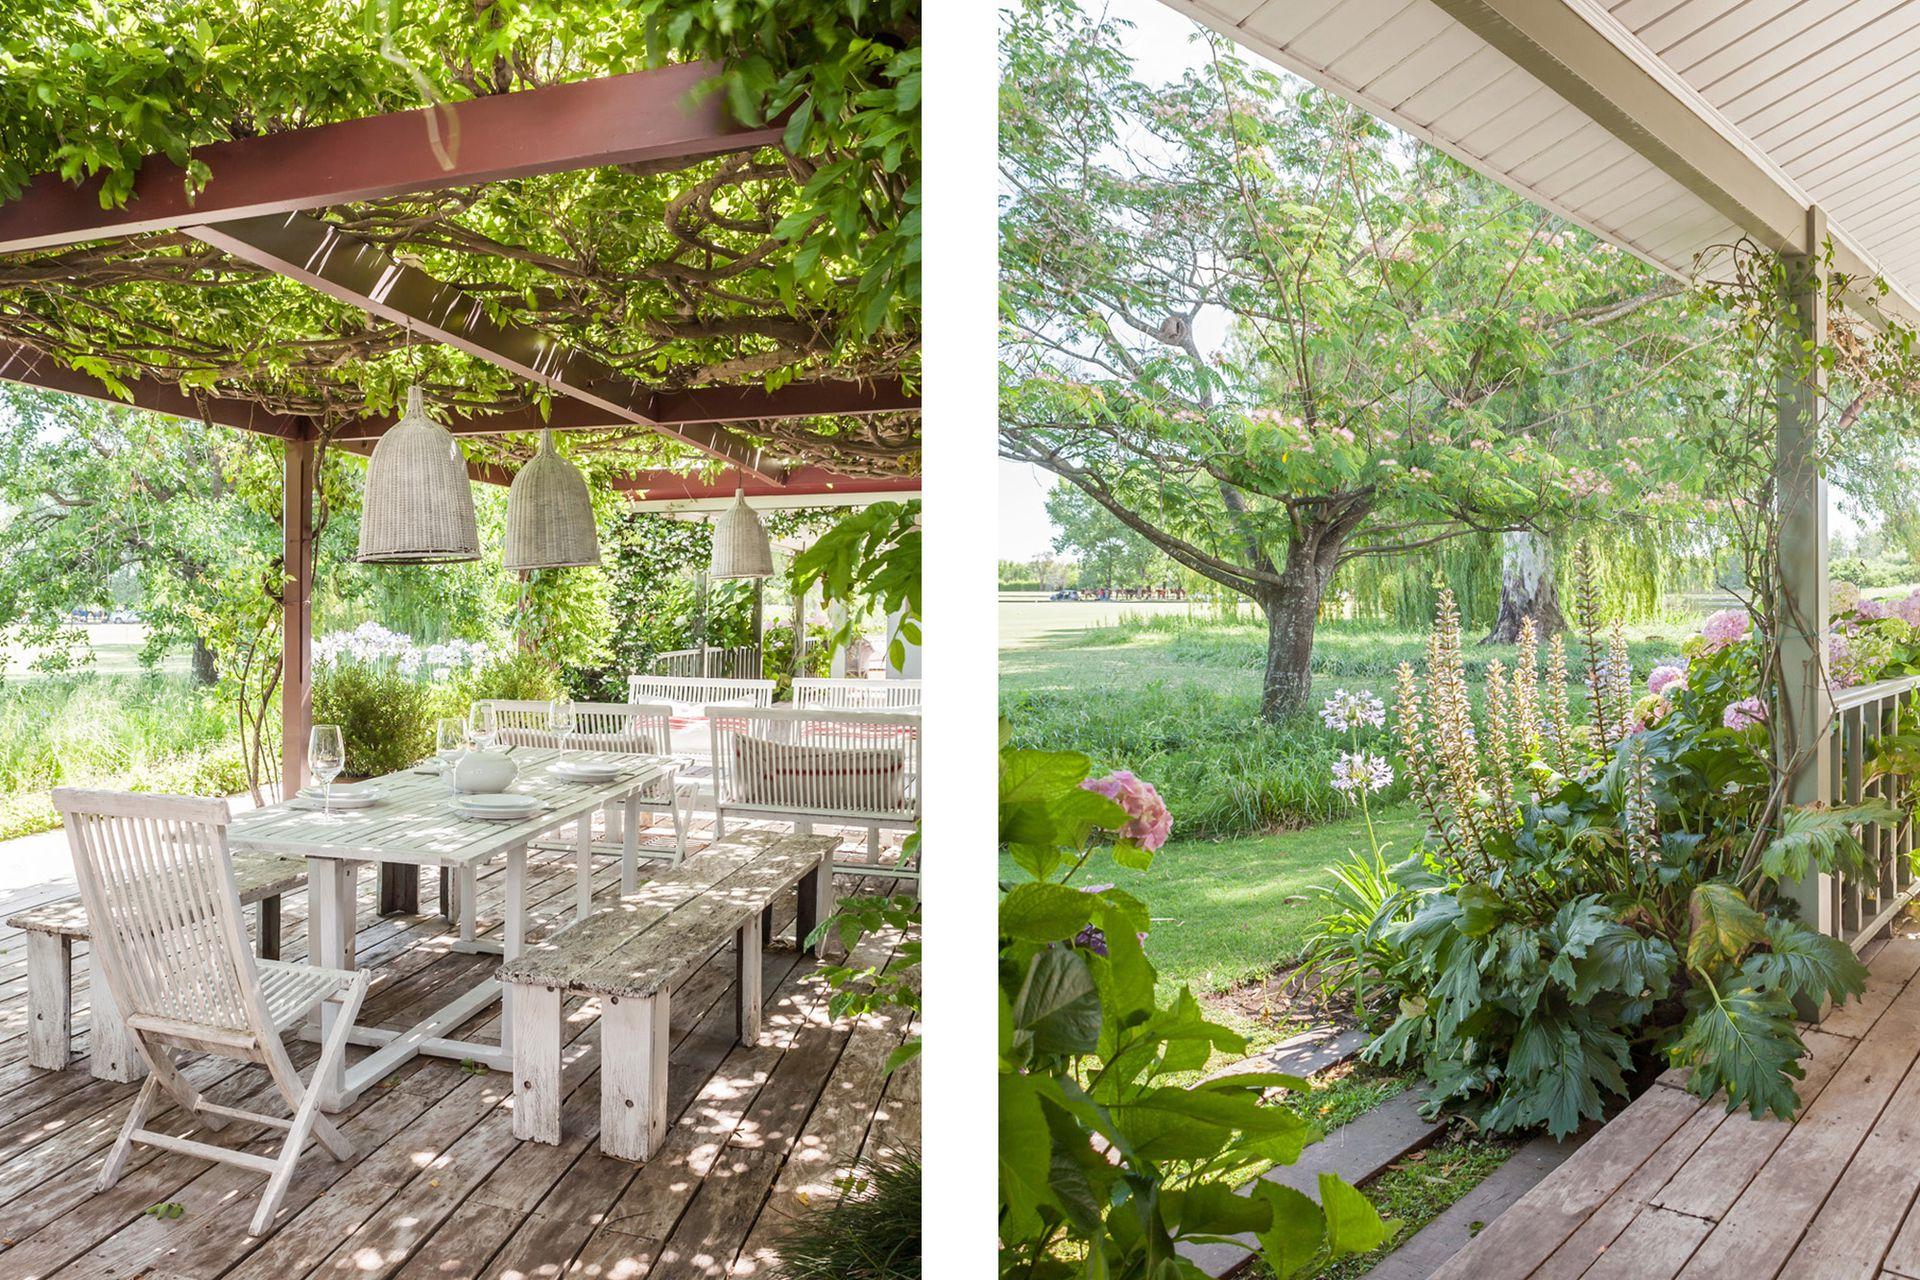 La madera del deck y los muebles, sumada al mimbre de las lámparas, le da a este comedor rodeado de verde una impronta rústica y natural.